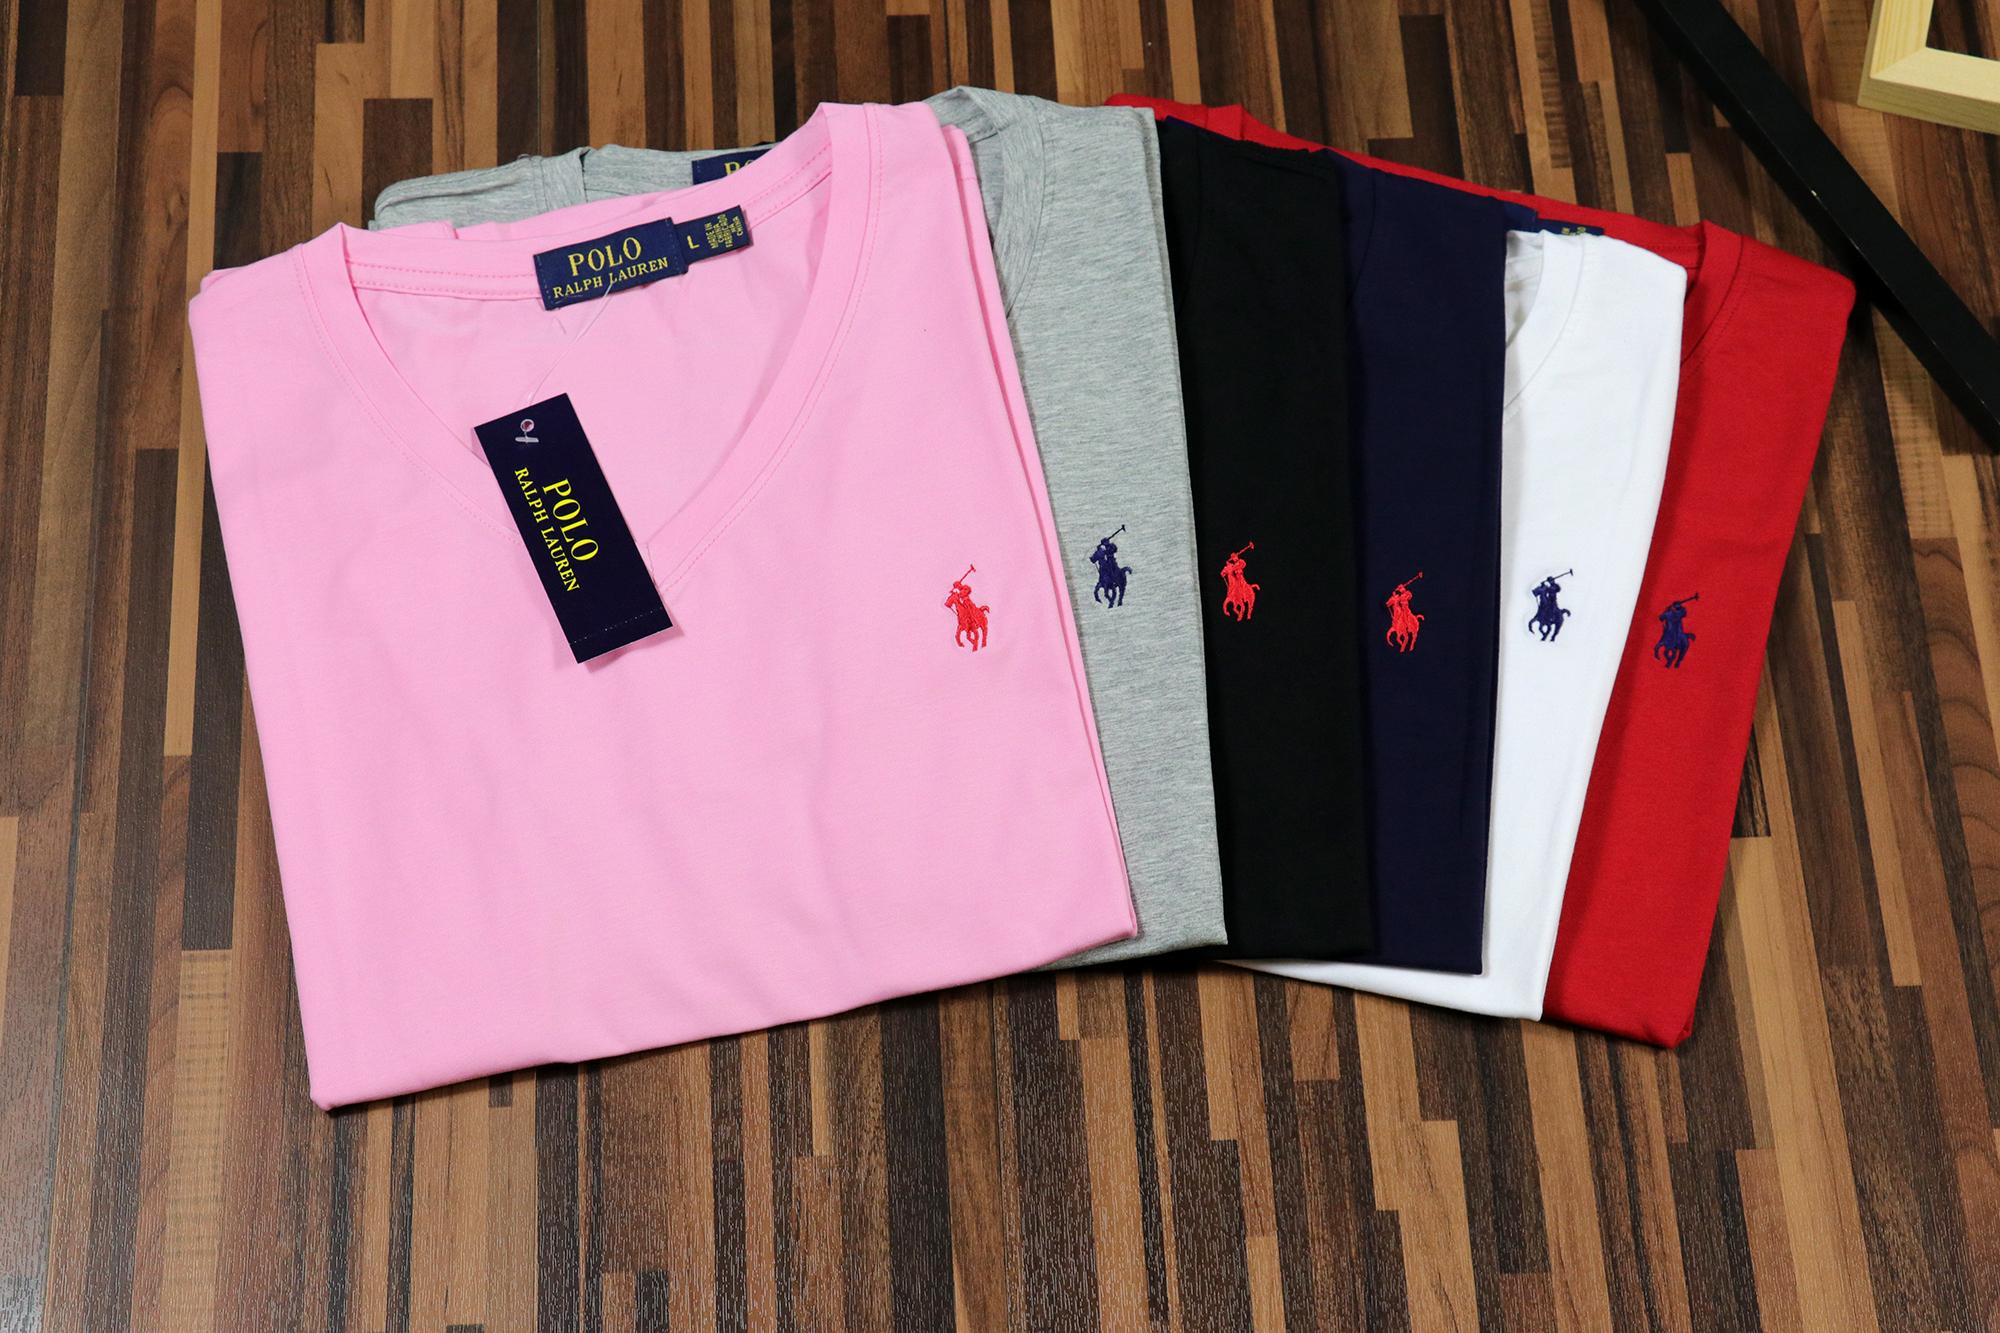 חולצות בייסיק, חולצות BASIC, חולצות לנשים, ספורט, ברנשים, מותגים, ראלפ לורן, RALPH LAUREN